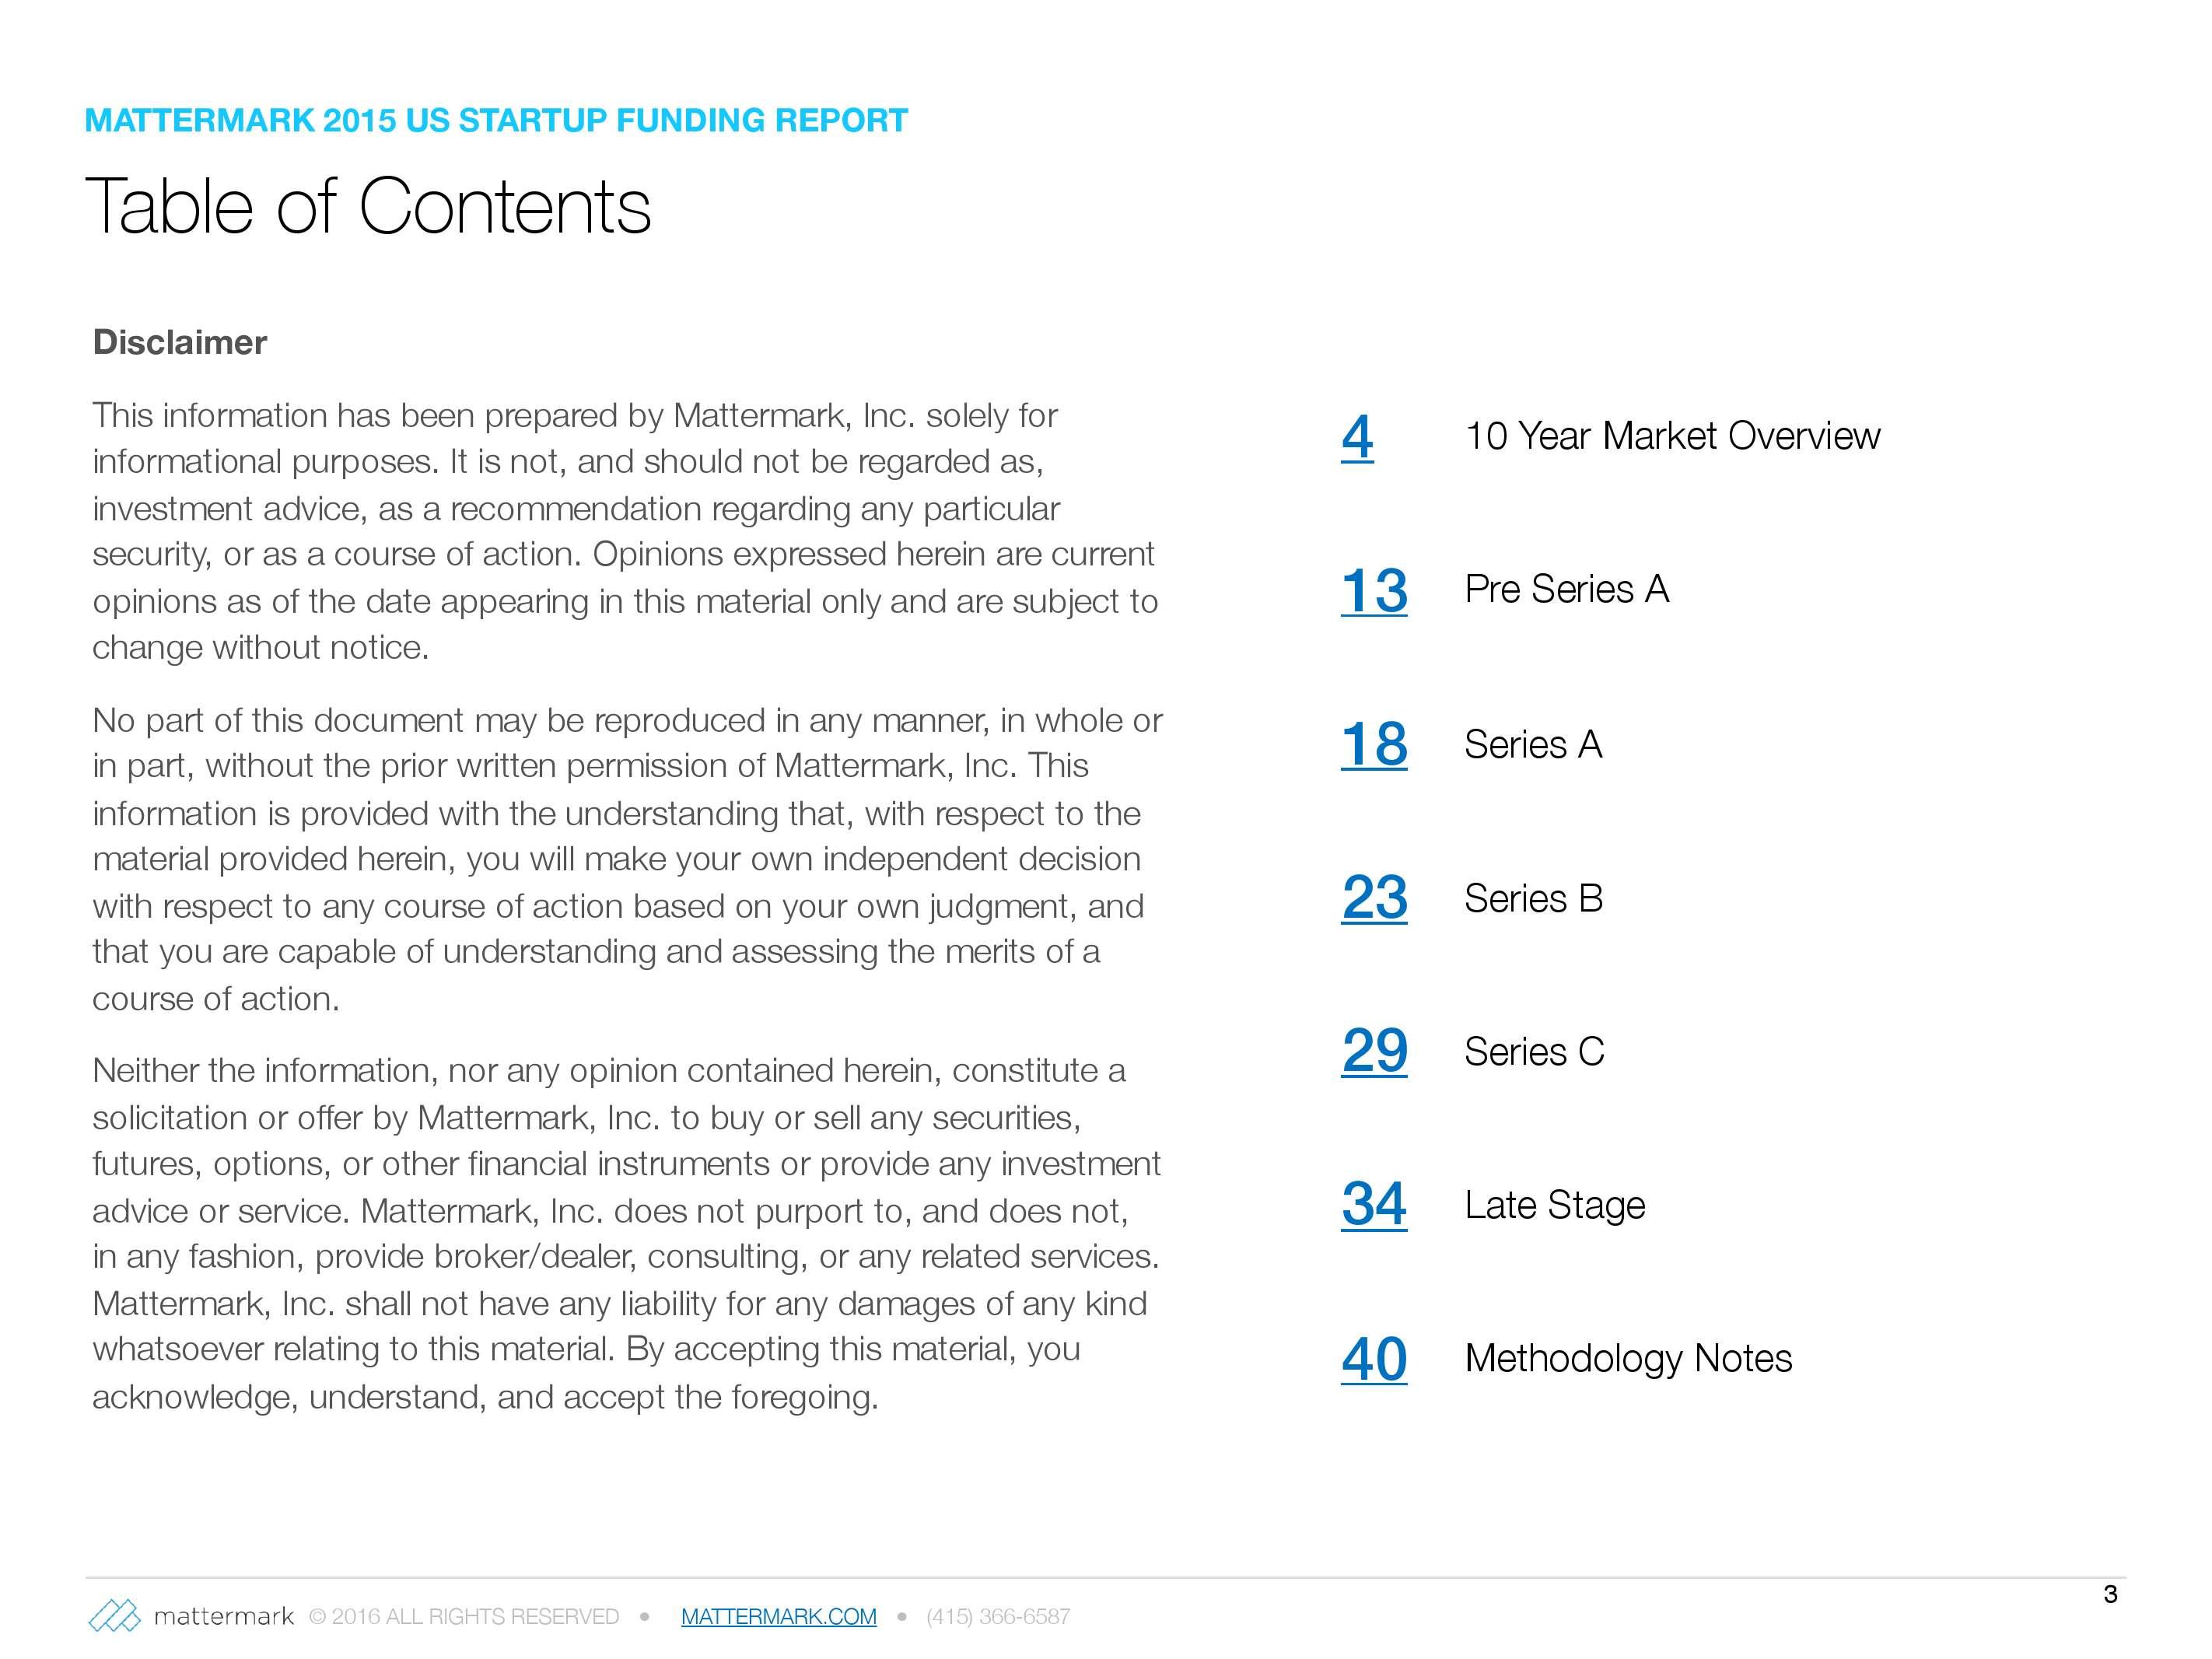 2015年美国创业公司风险投资发展趋势报告_000003